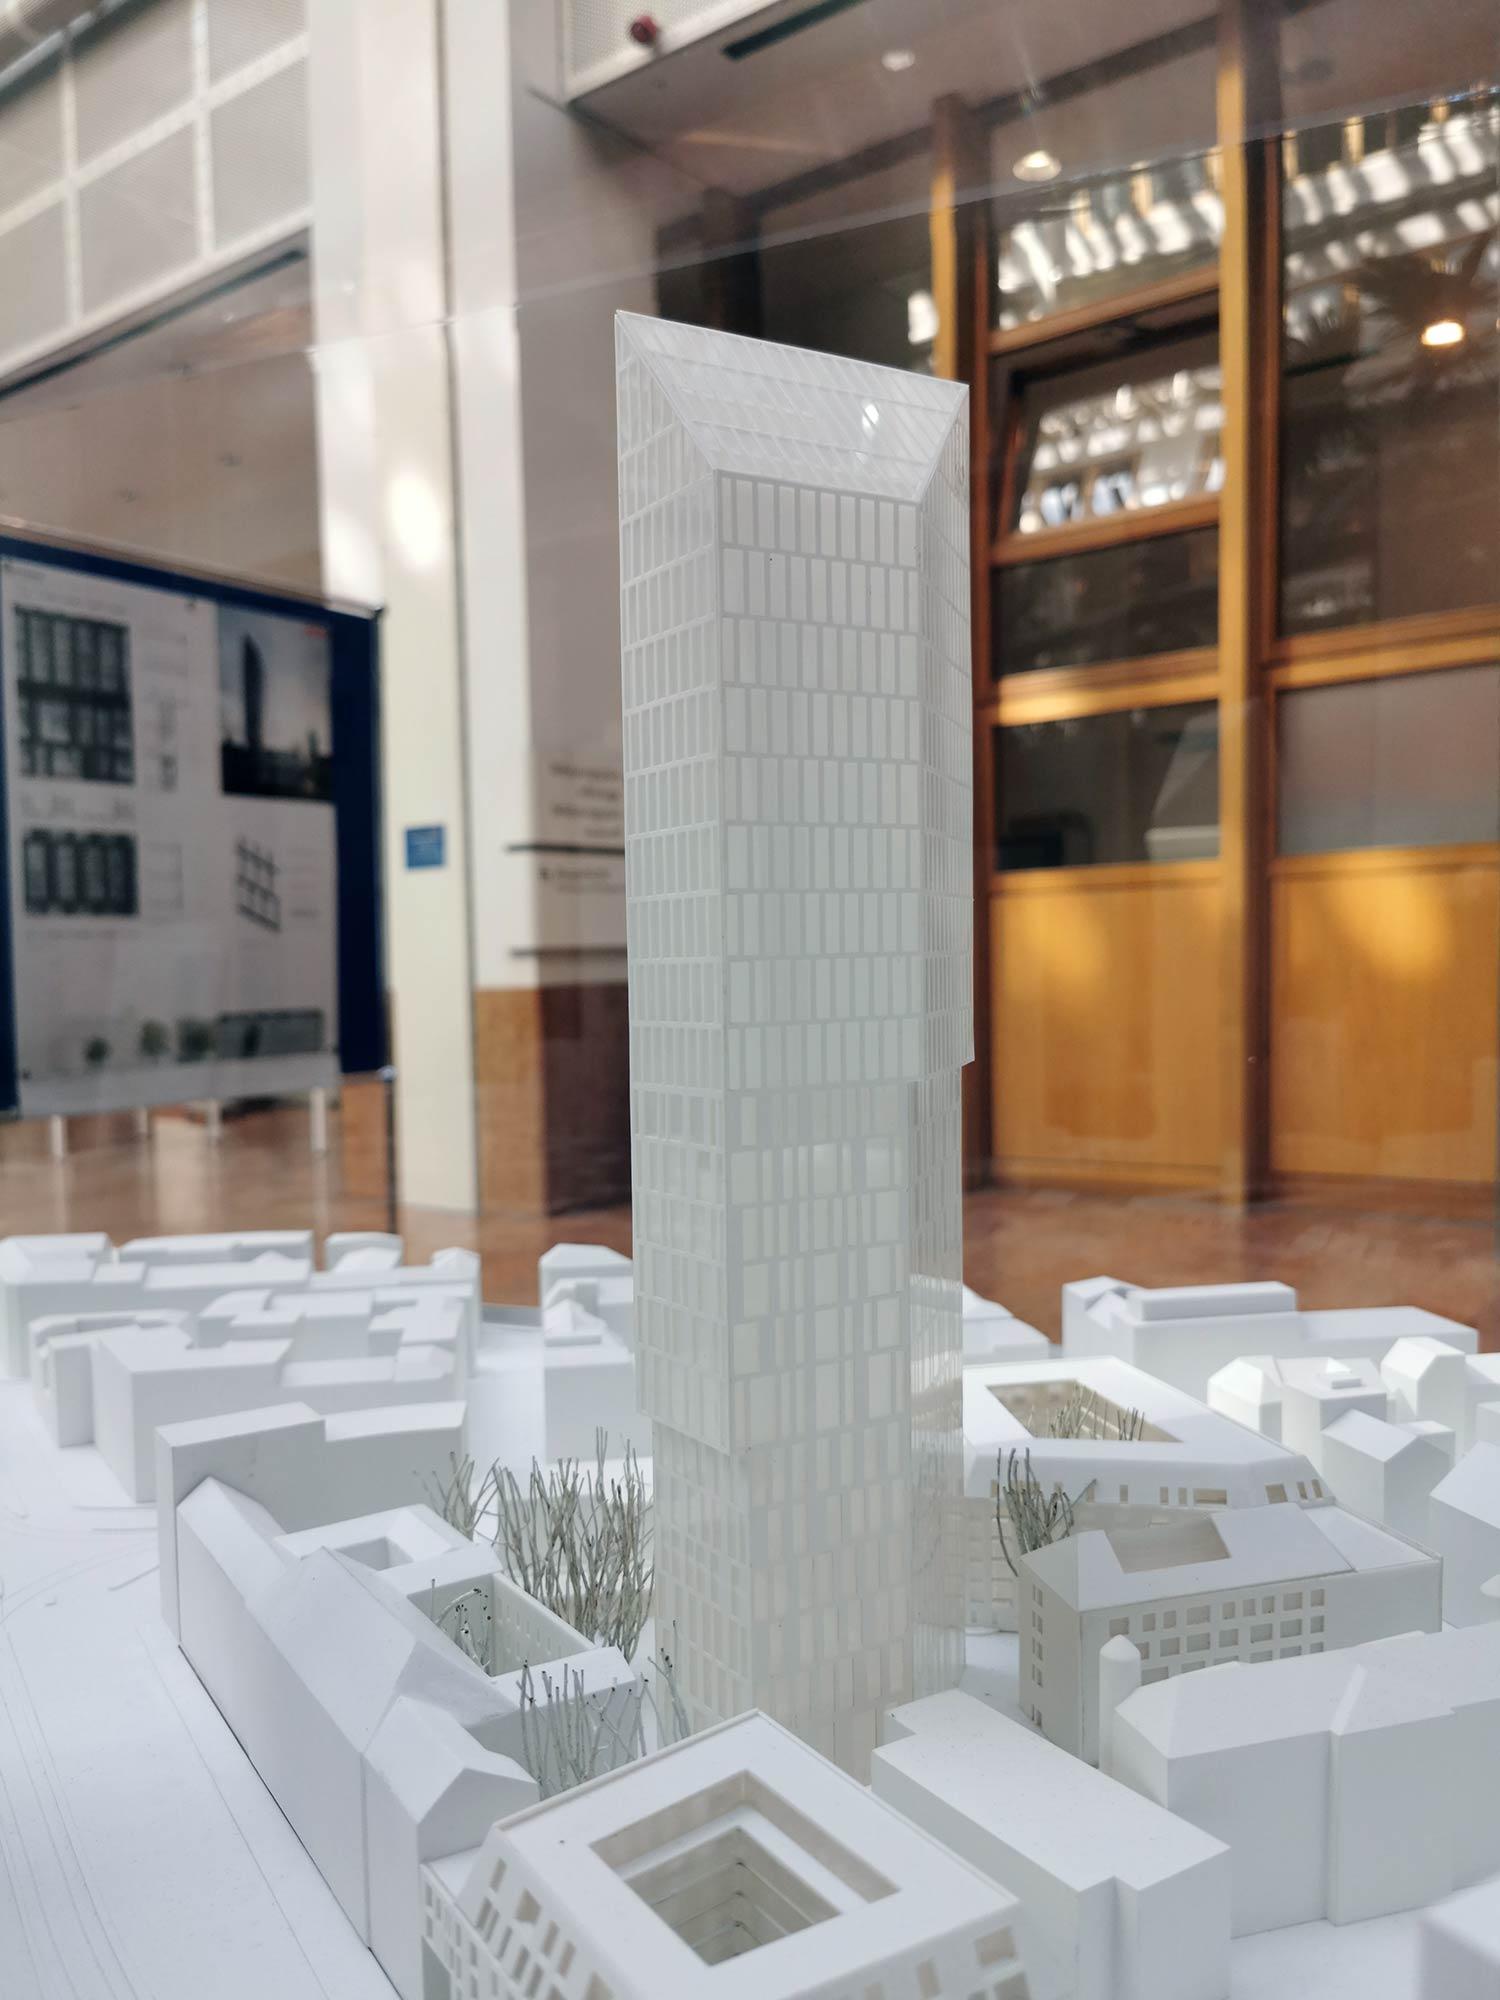 Das Präsidium - altes Polizei-Präsidium - Hochhausturm Meixner Schlüter Wendt - Ausstellung im Stadtplanungsamt